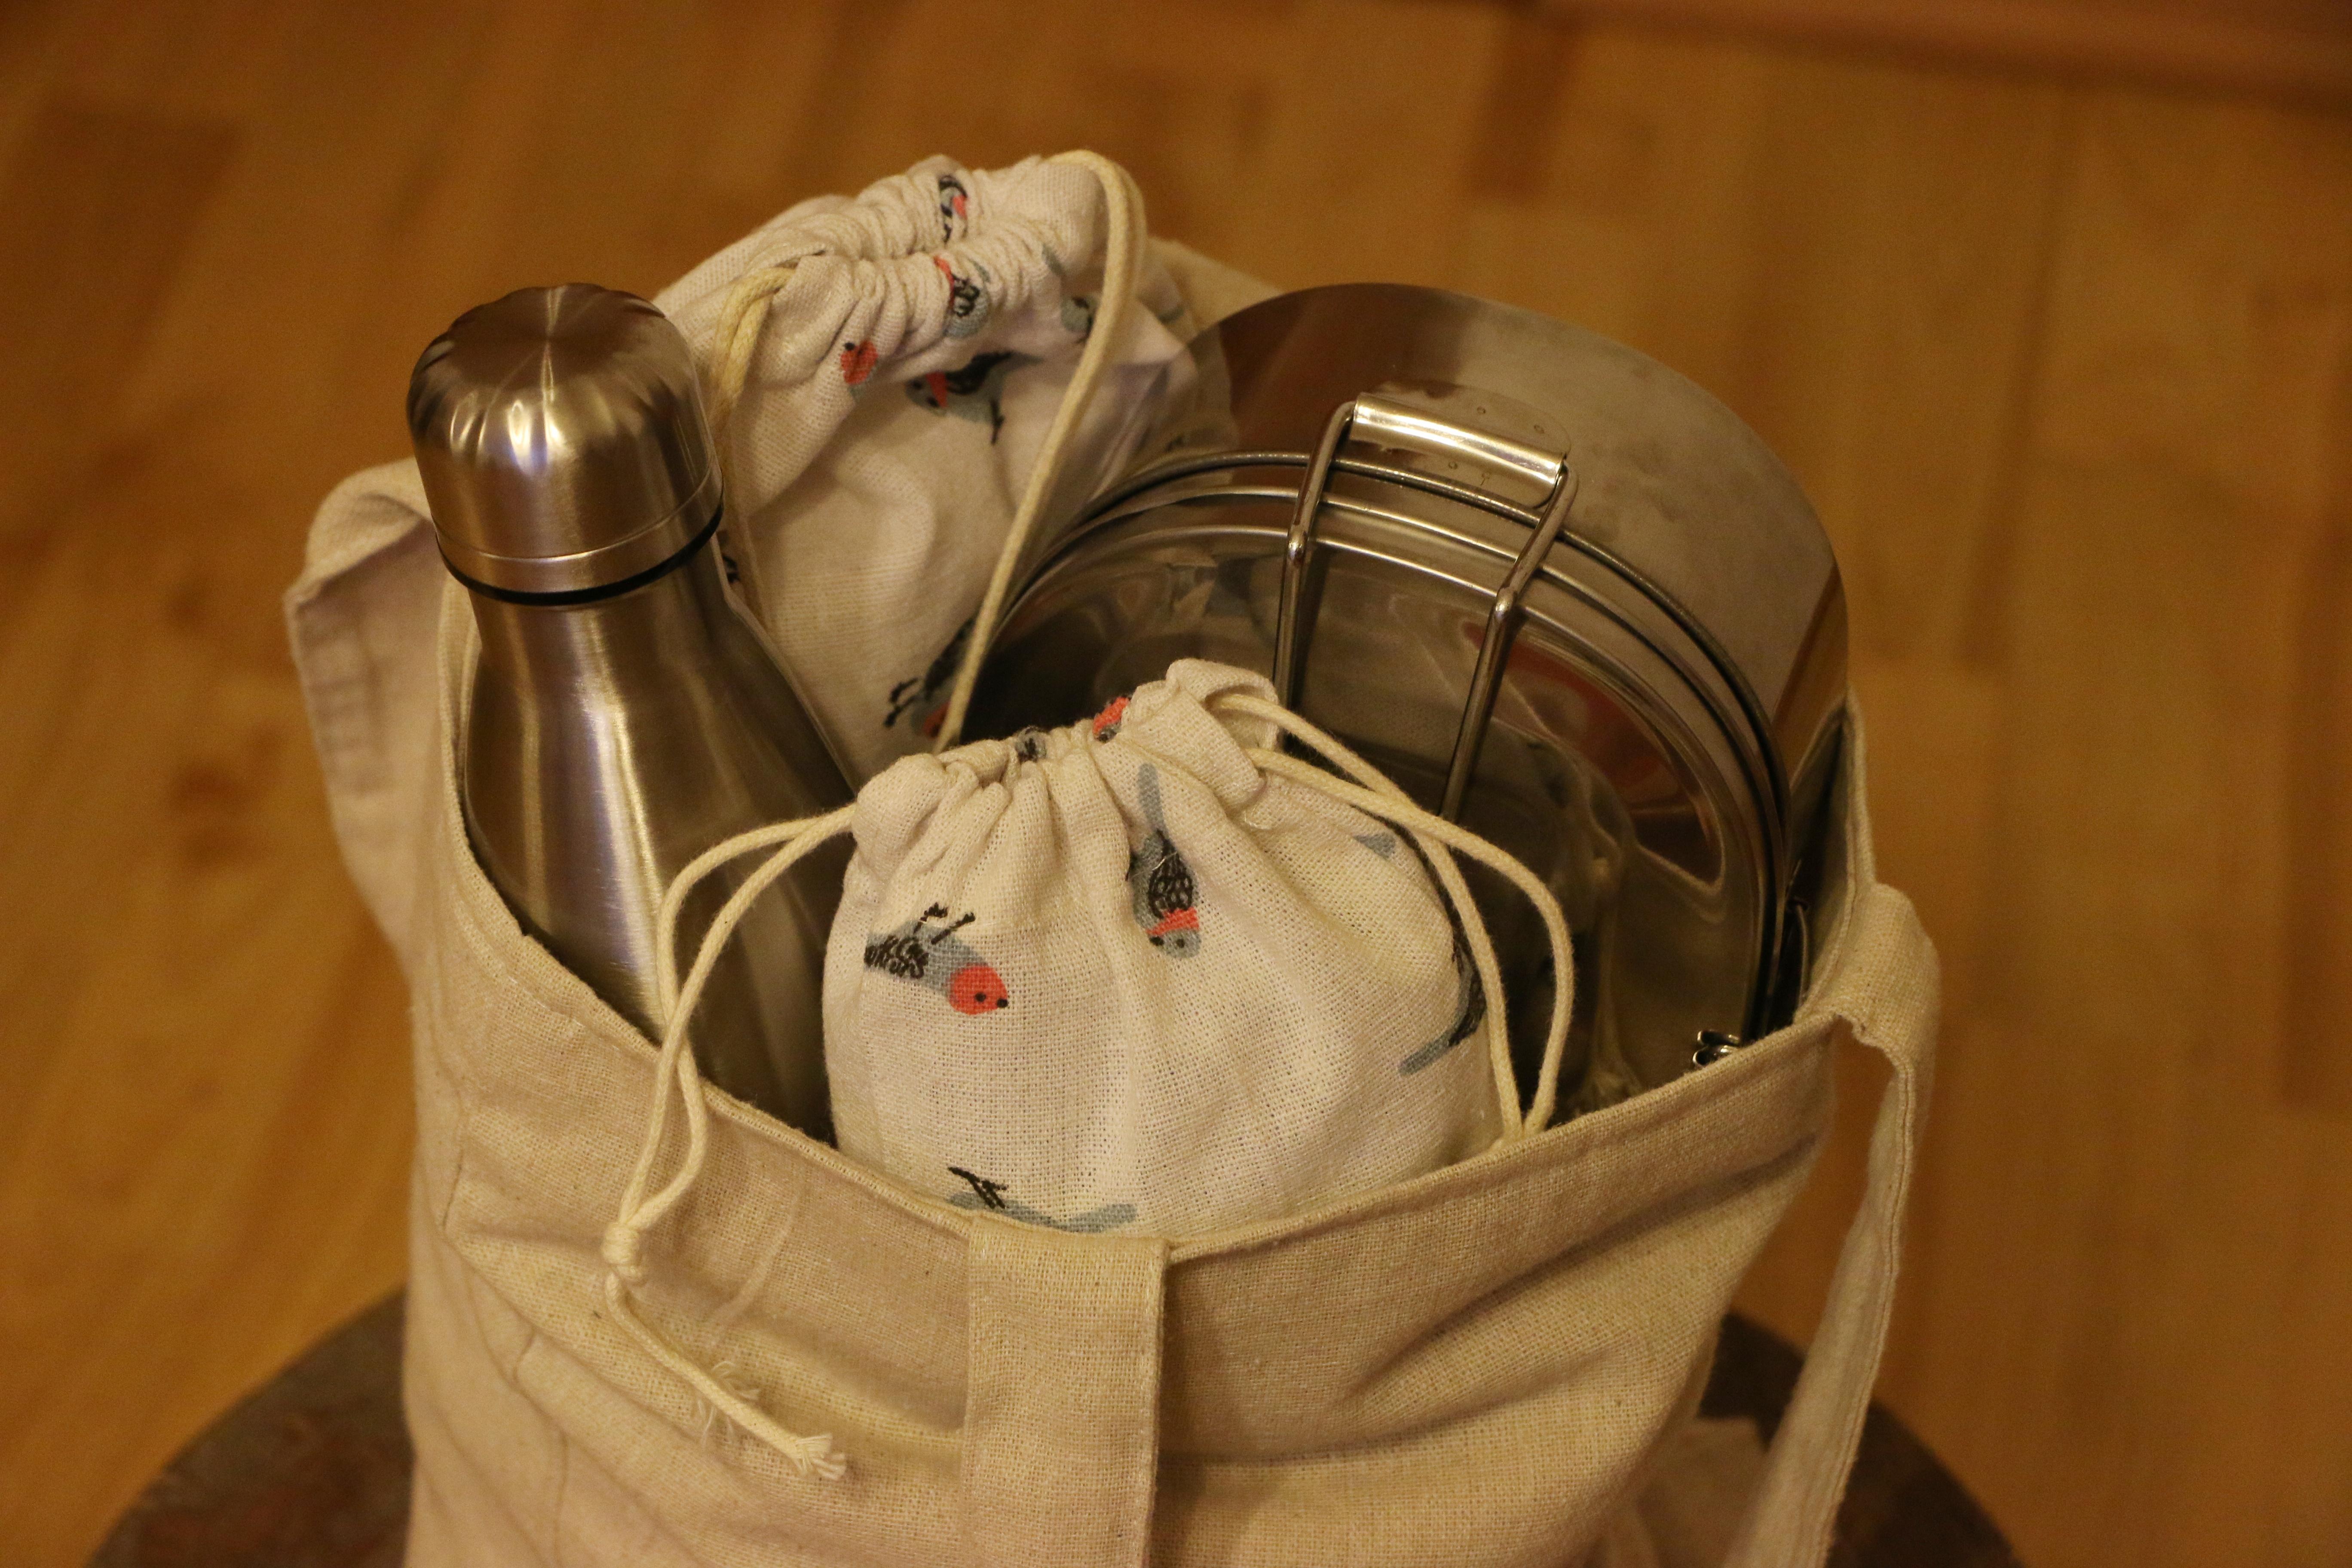 Taška plná zero waste produktů - nerezové lahve, látkové pytlíky, nerezová krabička